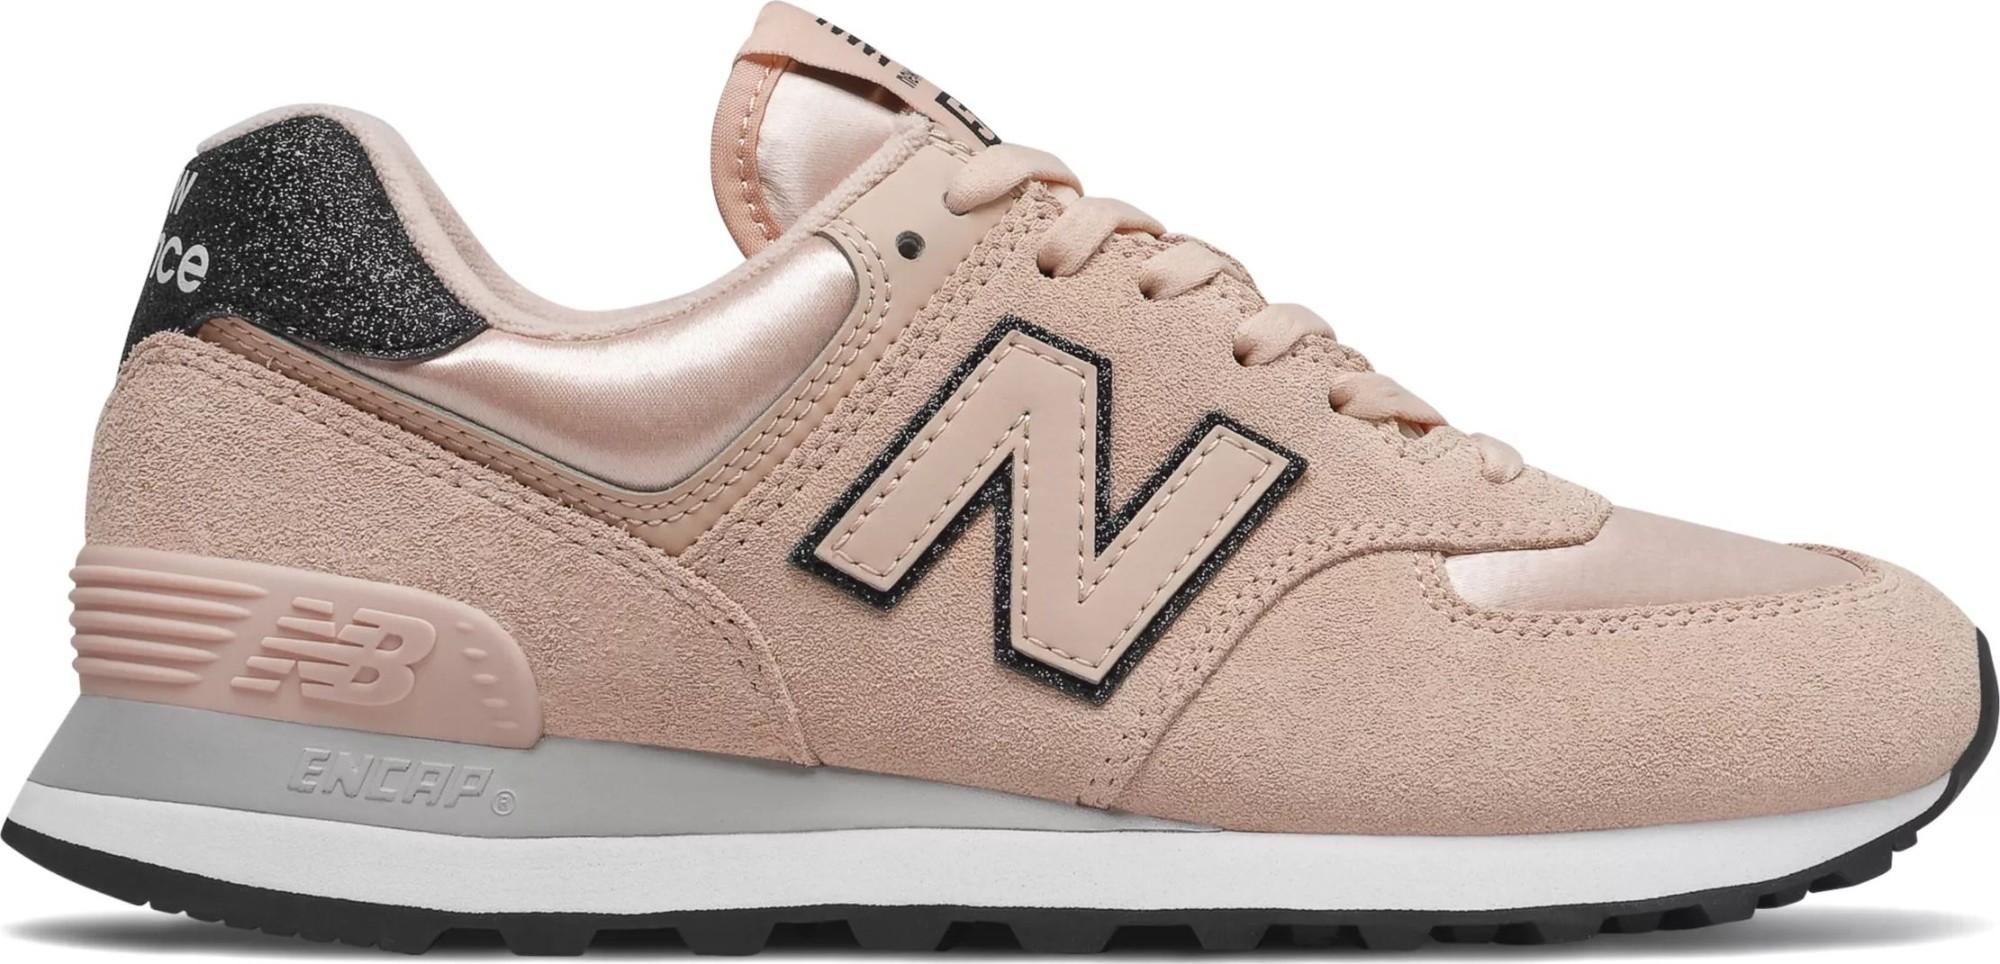 New Balance WL574 Nubuck Pink/Glittered 40,5